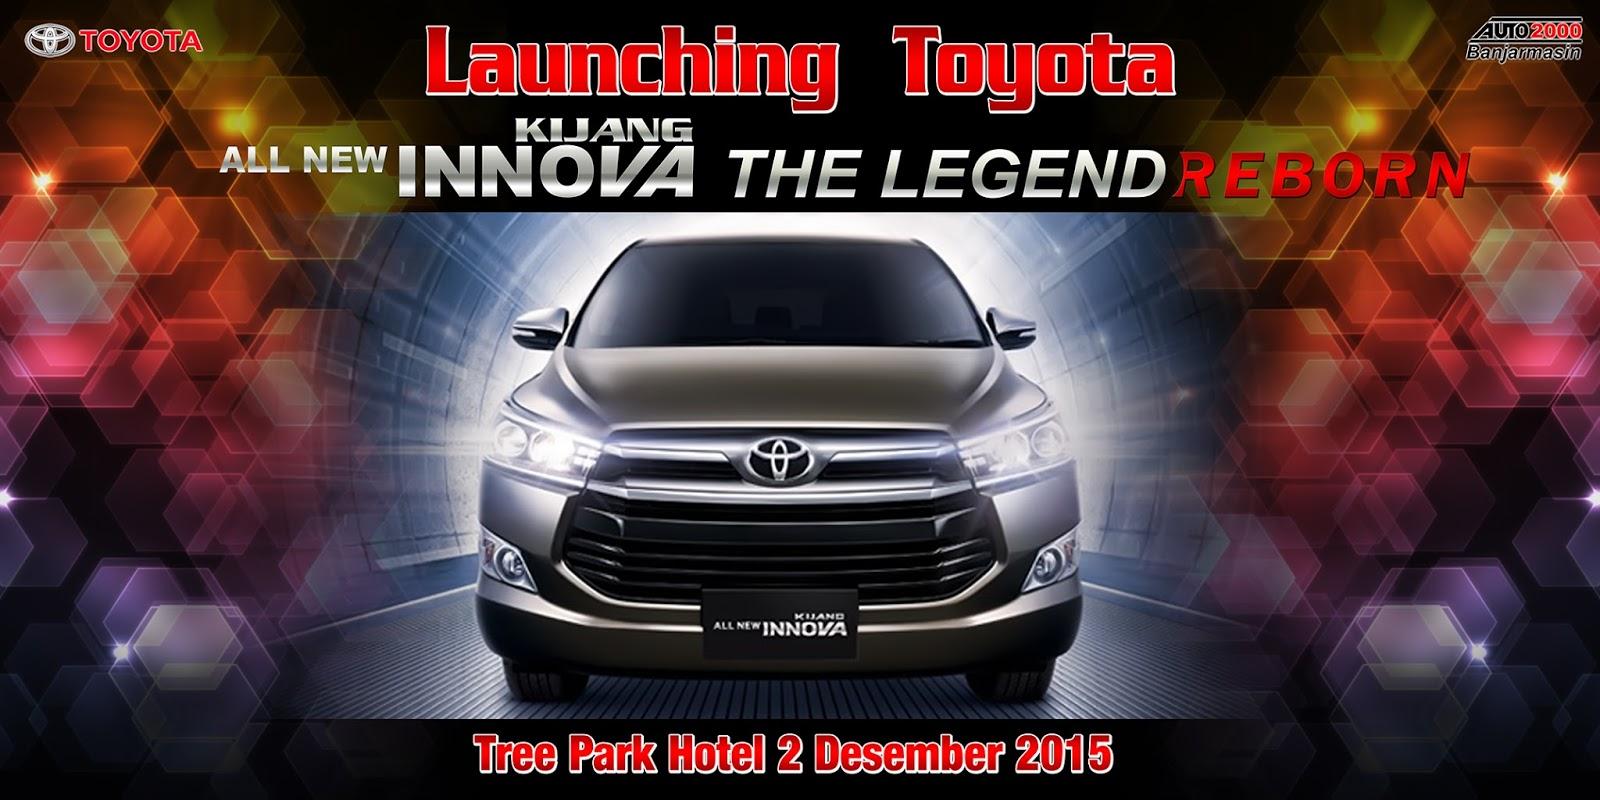 All New Kijang Innova The Legend Reborn Harga Grand Avanza 2016 Toyota Auto2000 Banjarmasin 11 29 15